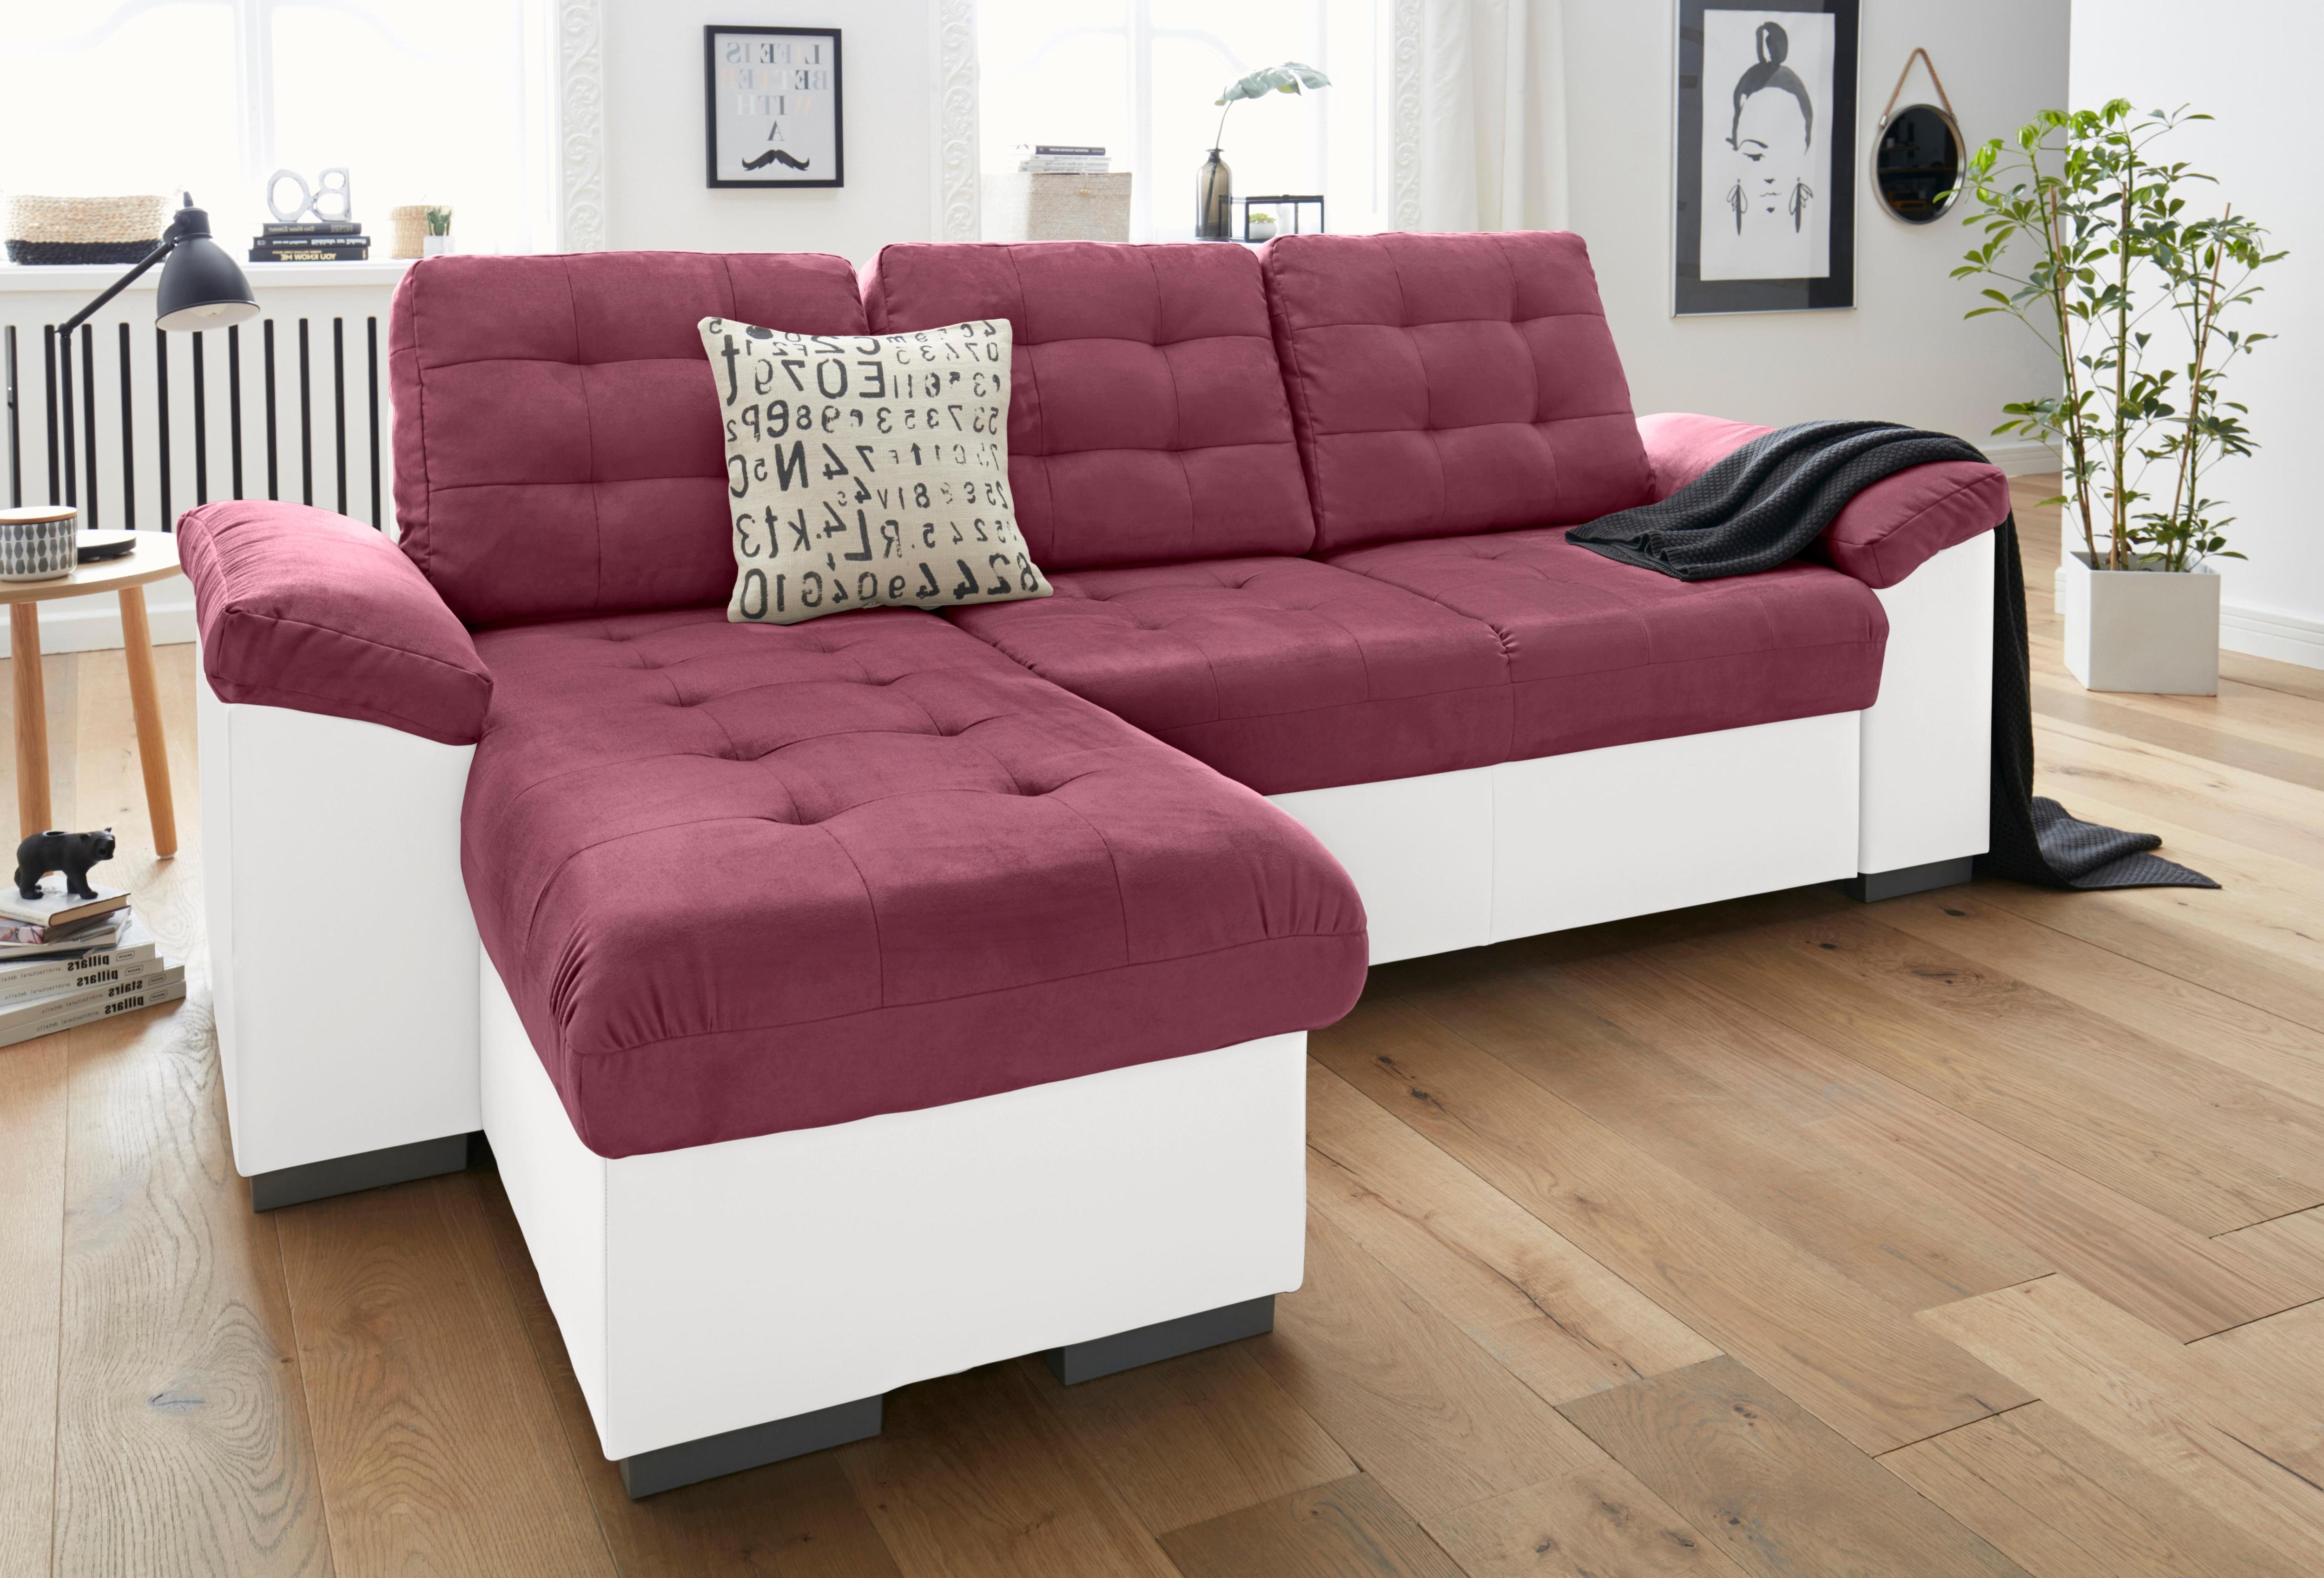 cotta ecksofa auf rechnung kaufen. Black Bedroom Furniture Sets. Home Design Ideas